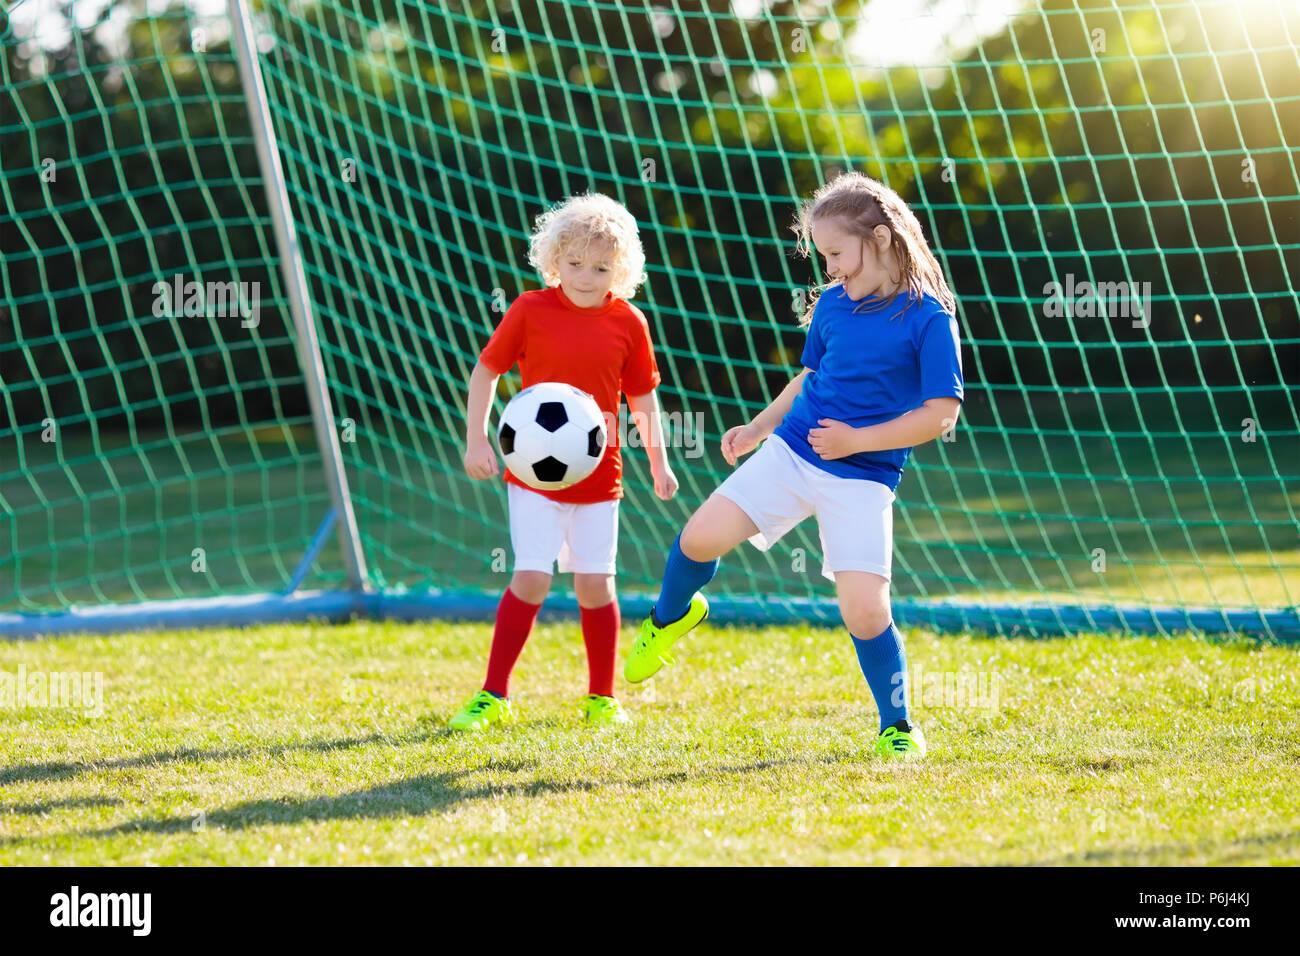 Los niños juegan al fútbol en el campo al aire libre. Los niños un gol en  el partido de fútbol. Niños y niñas patear la pelota. Niño corriendo en el  equipo ... 010fa6fc8c873